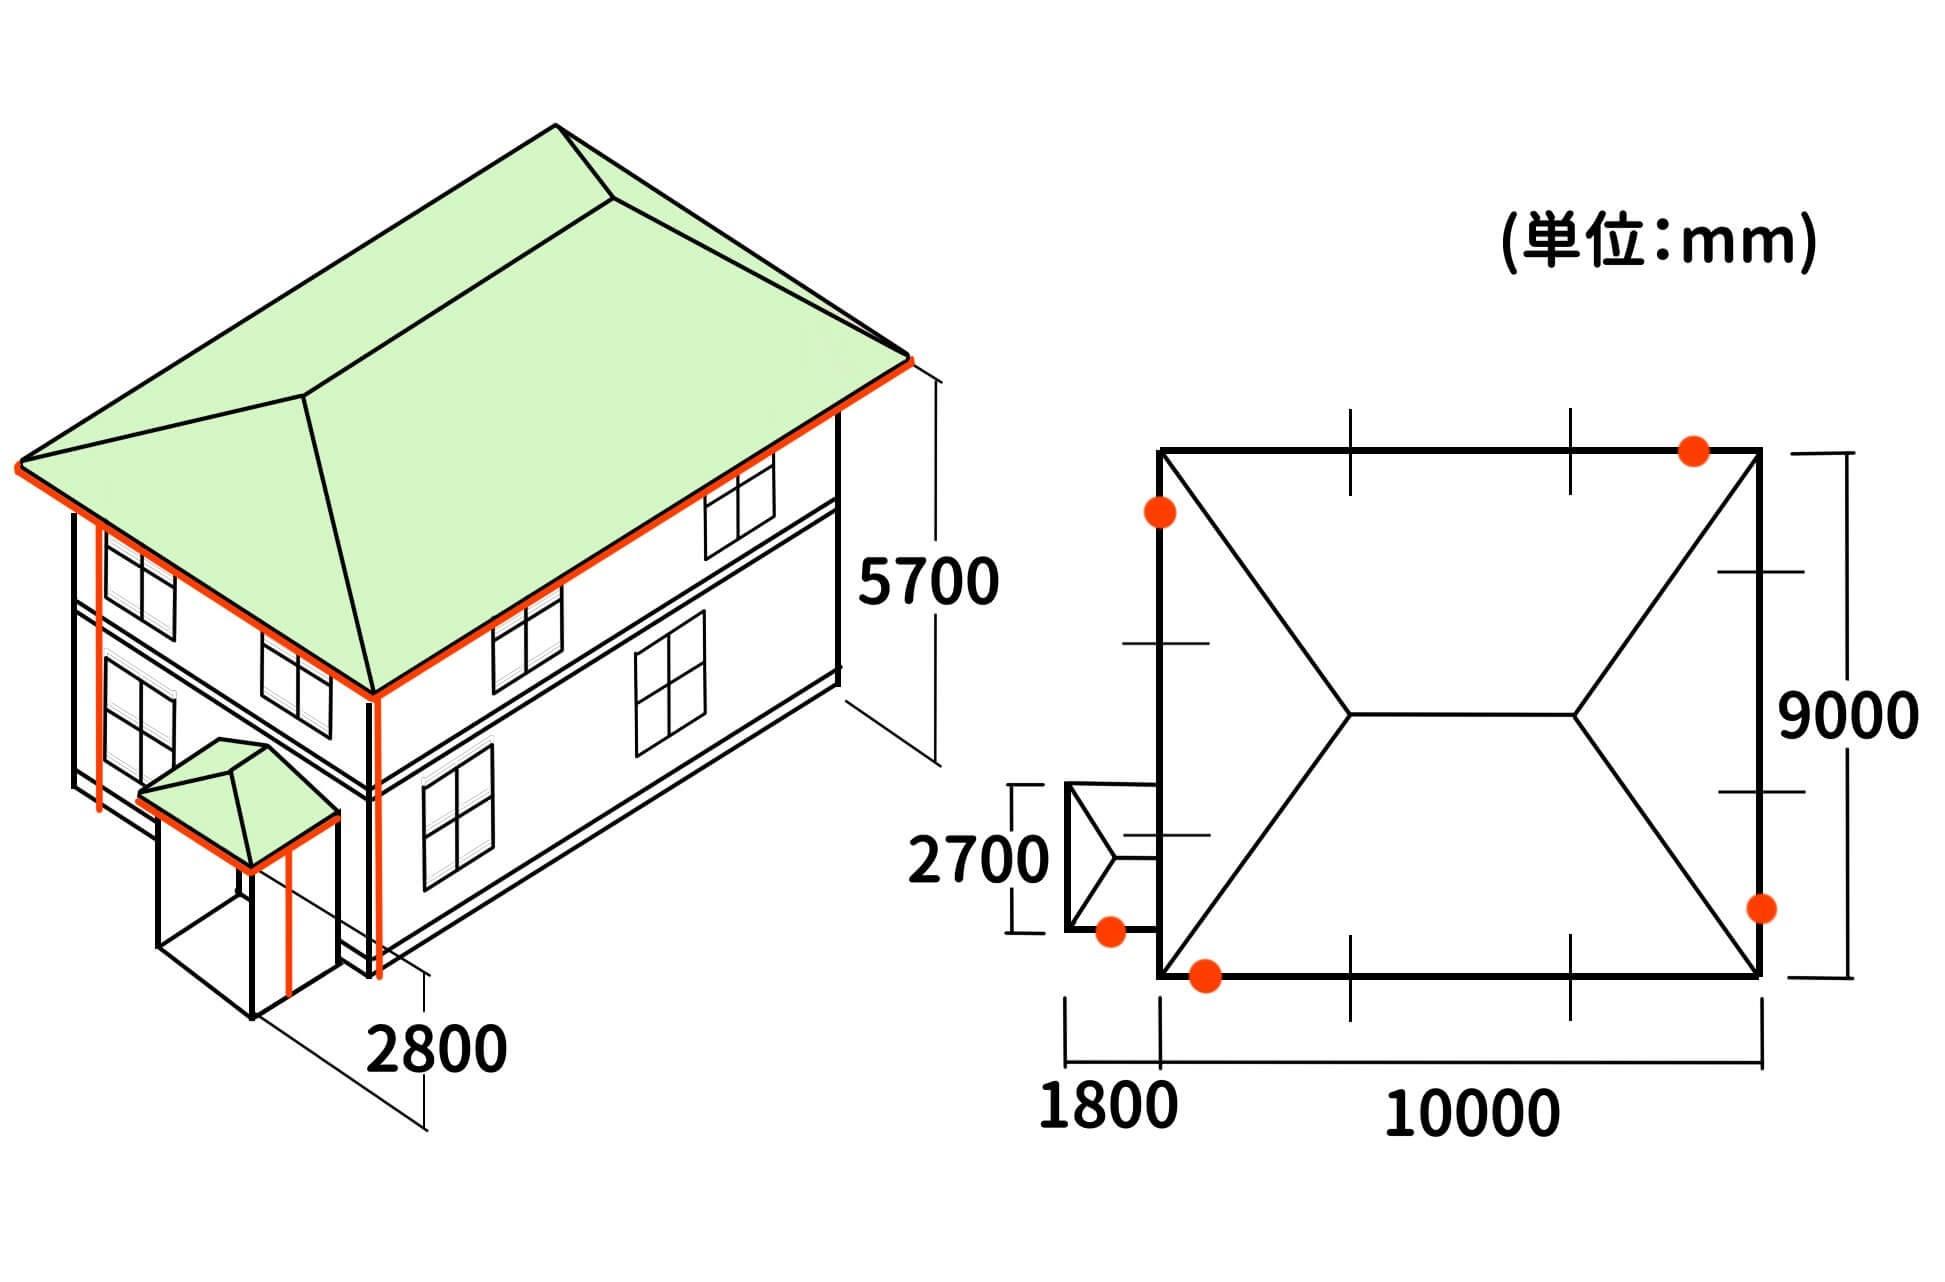 必要数量算出の参考モデルだ。